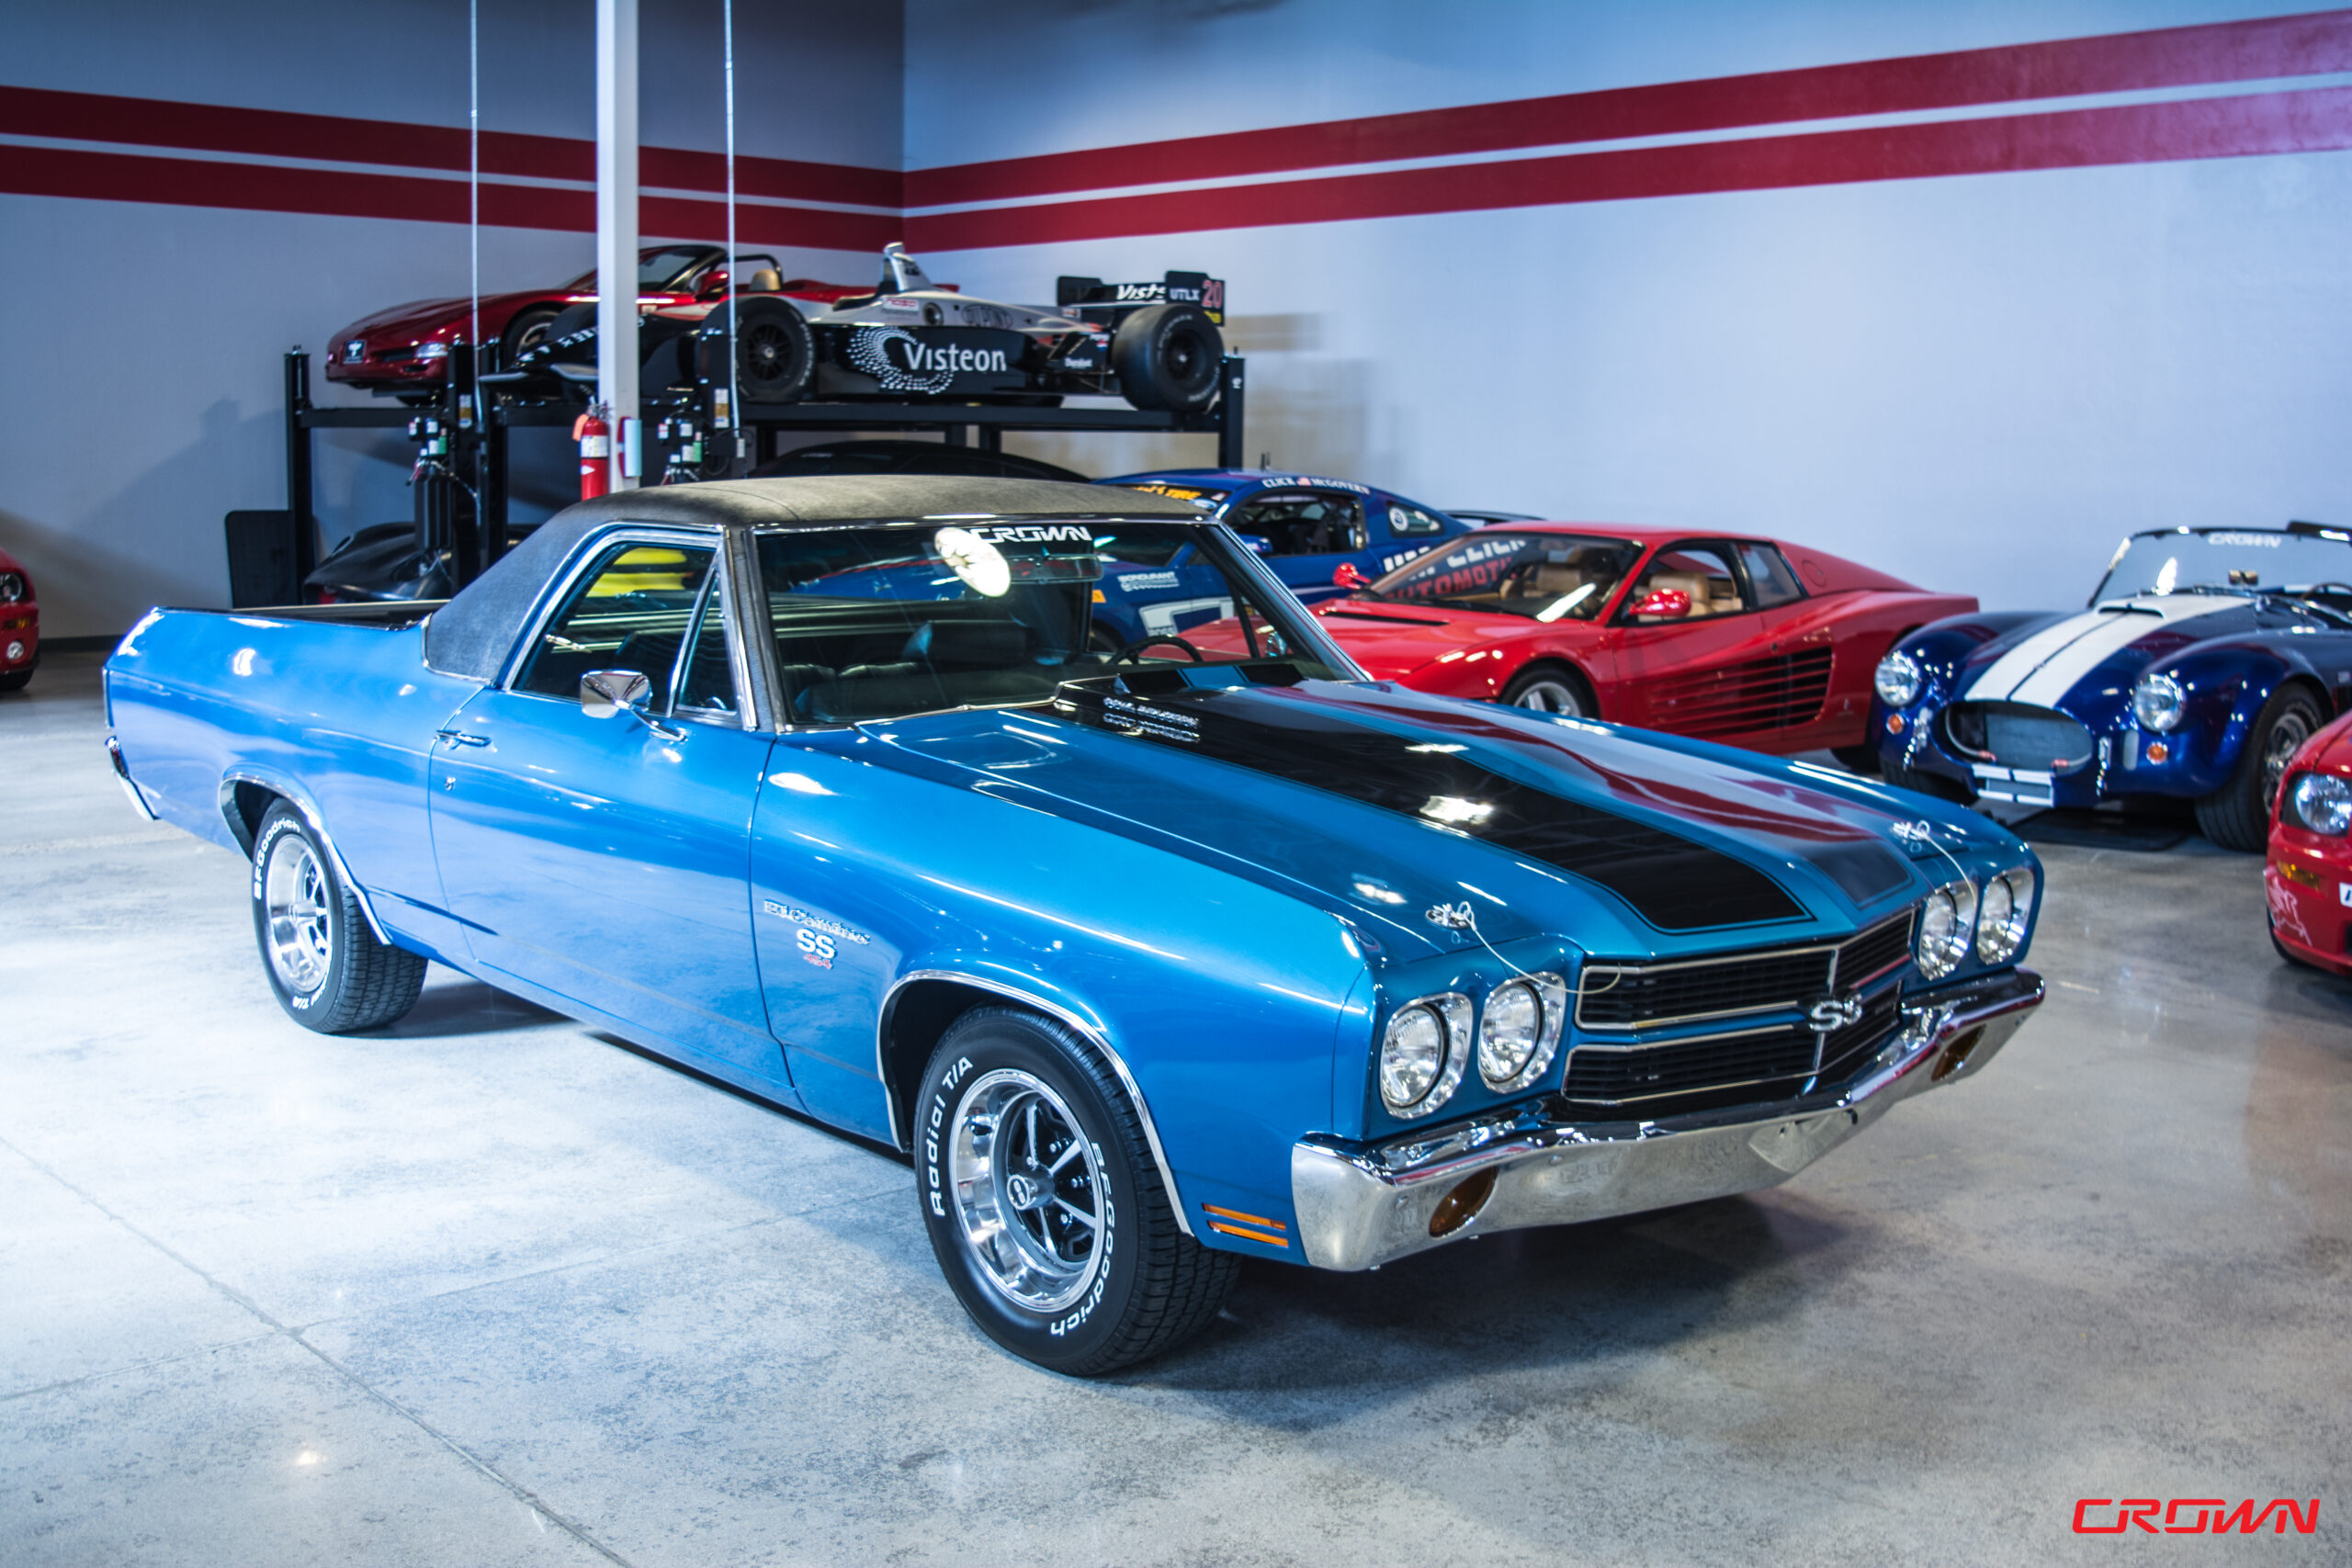 1970 Chevrolet El Camino Super Sport SS blue